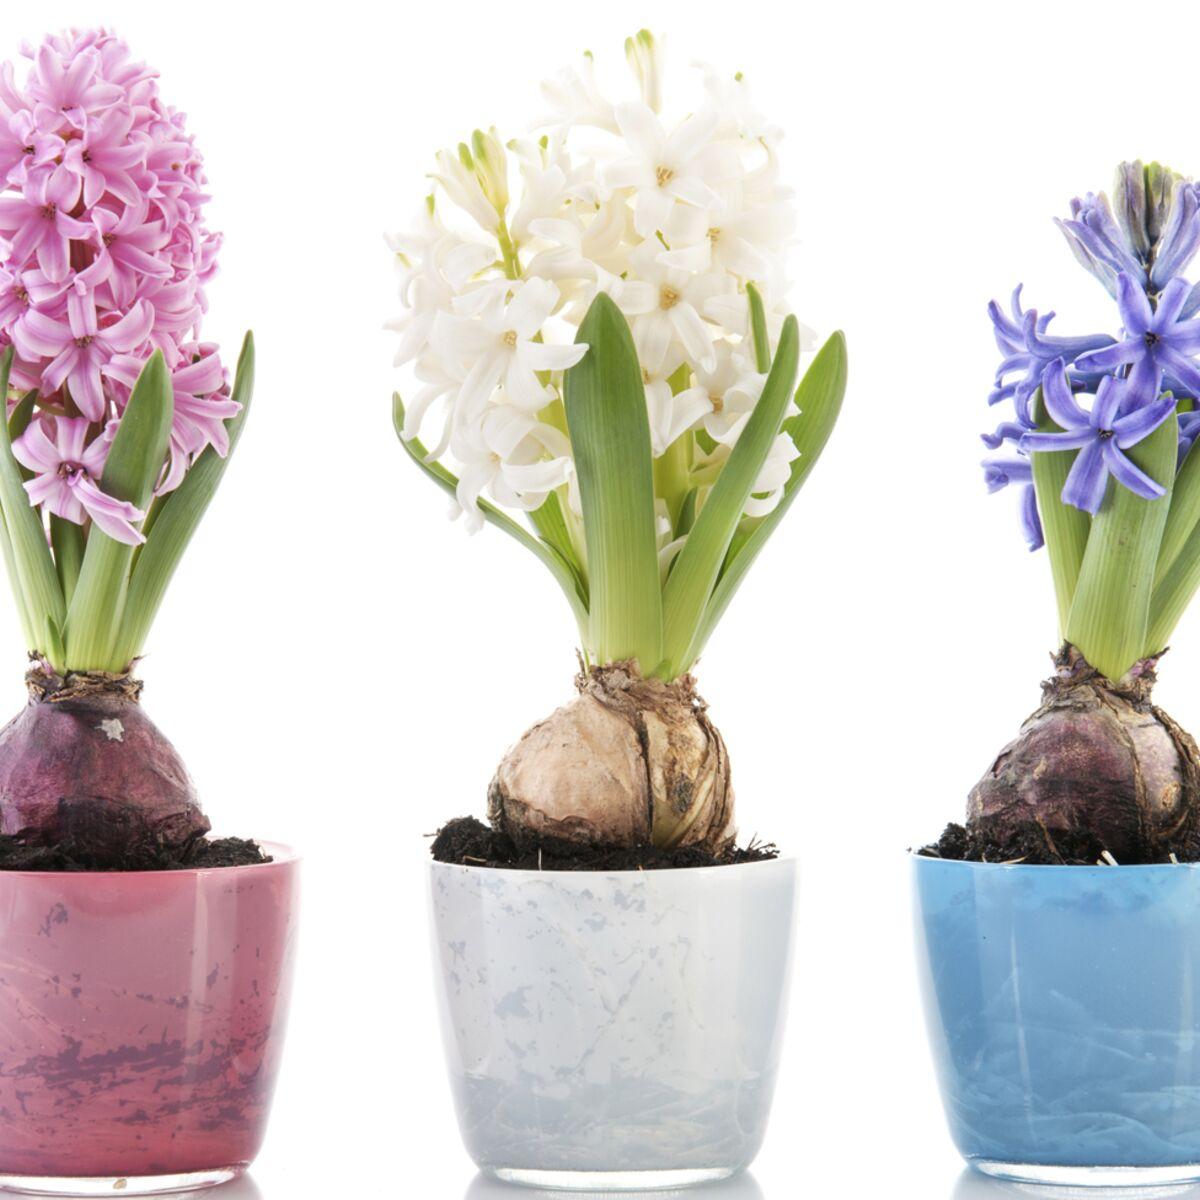 Plante D Intérieur A Faire Pousser comment faire pousser des jacinthes à la maison ? : femme